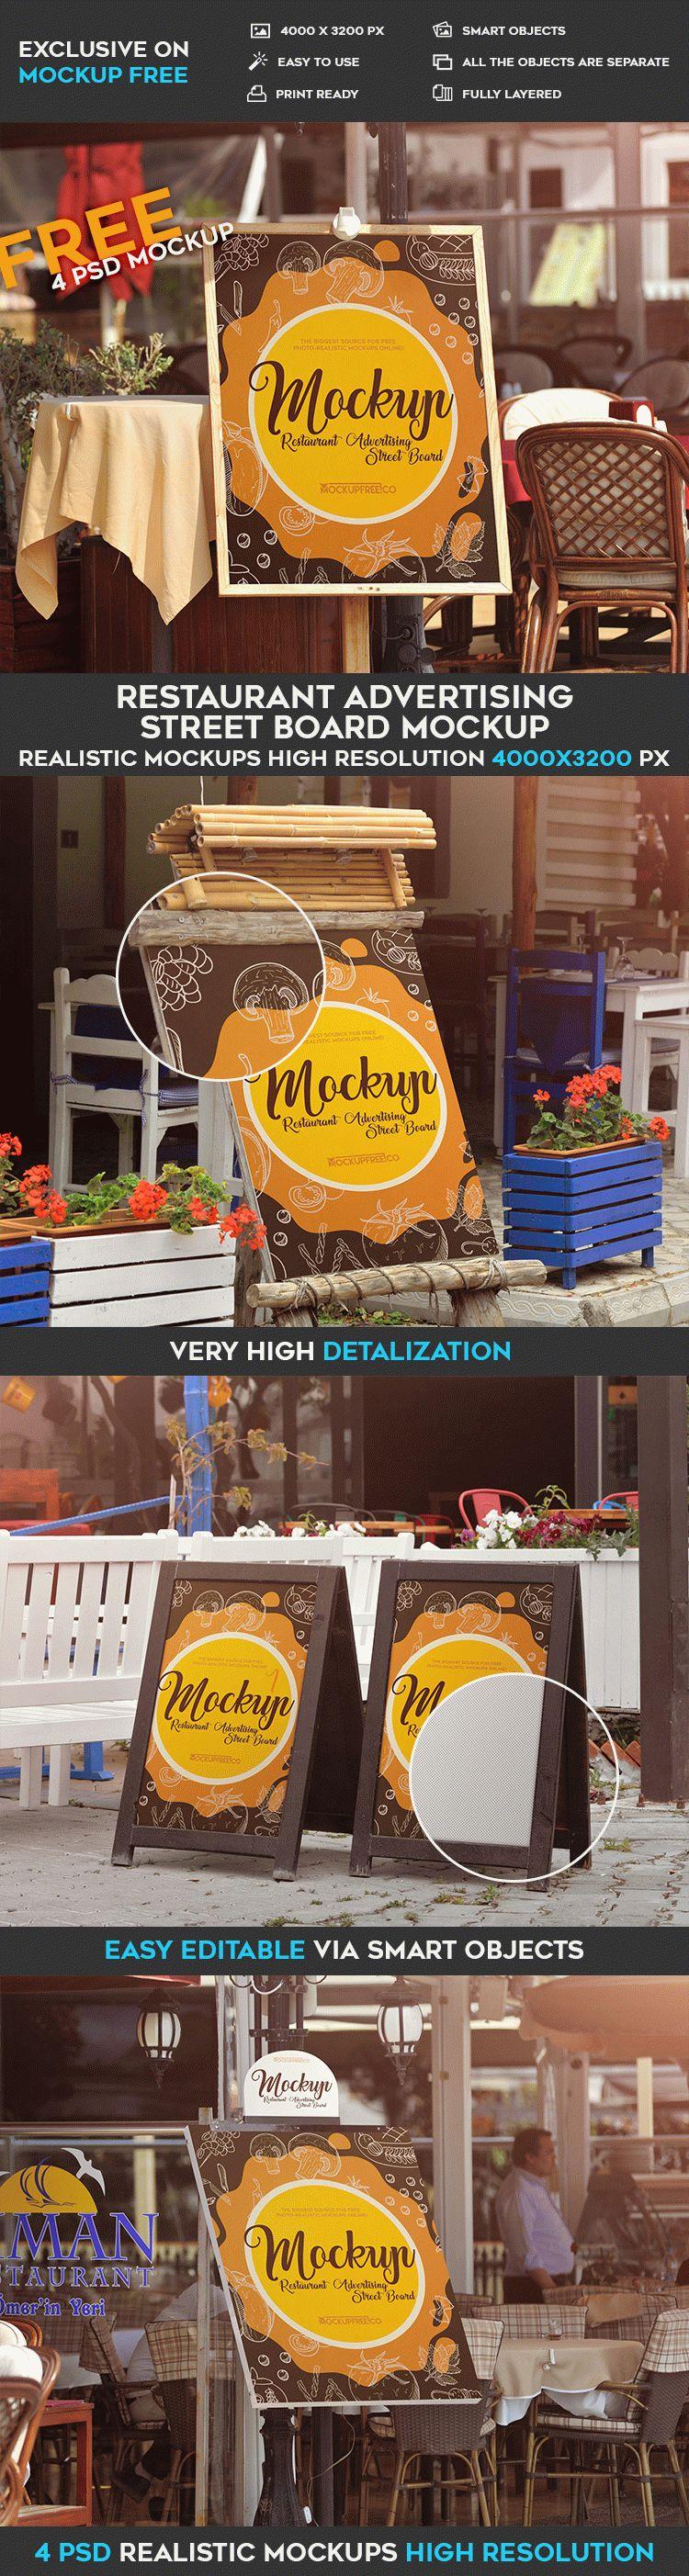 Restaurant Advertising Street Board - 4 Free PSD Mockups